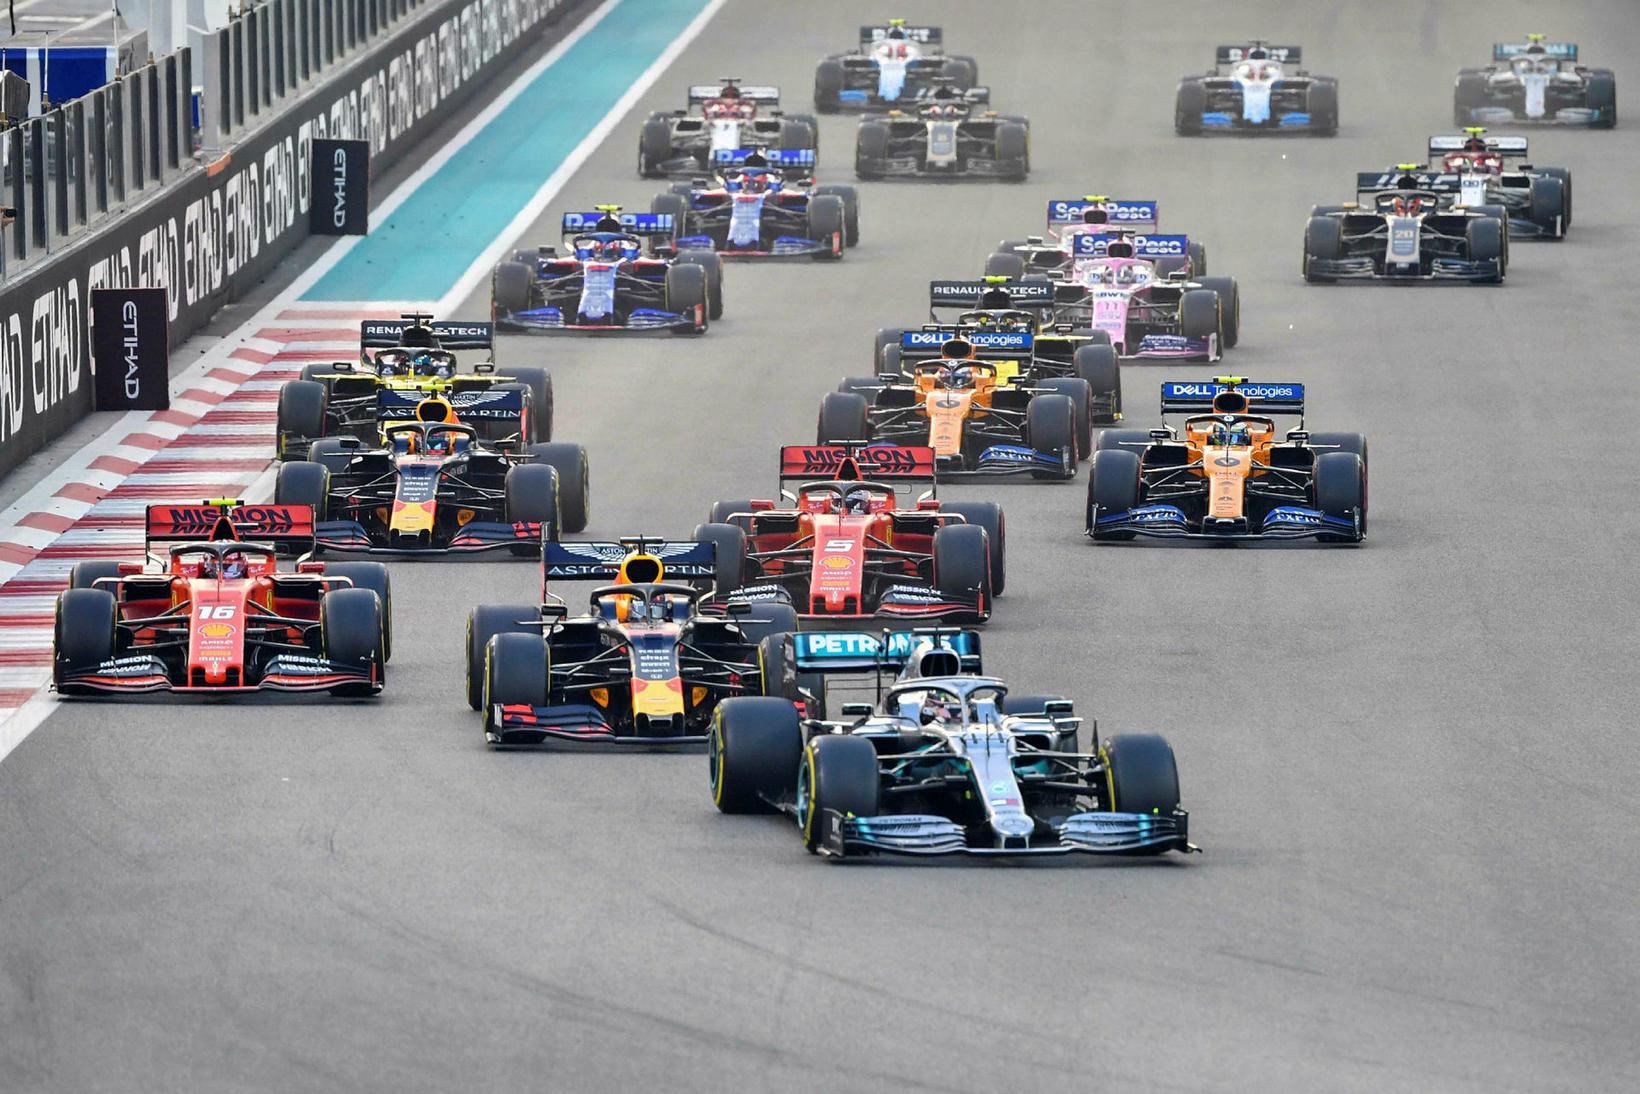 Lewis Hamilton fremstur á fyrstu metrunum í Abu Dhabi.